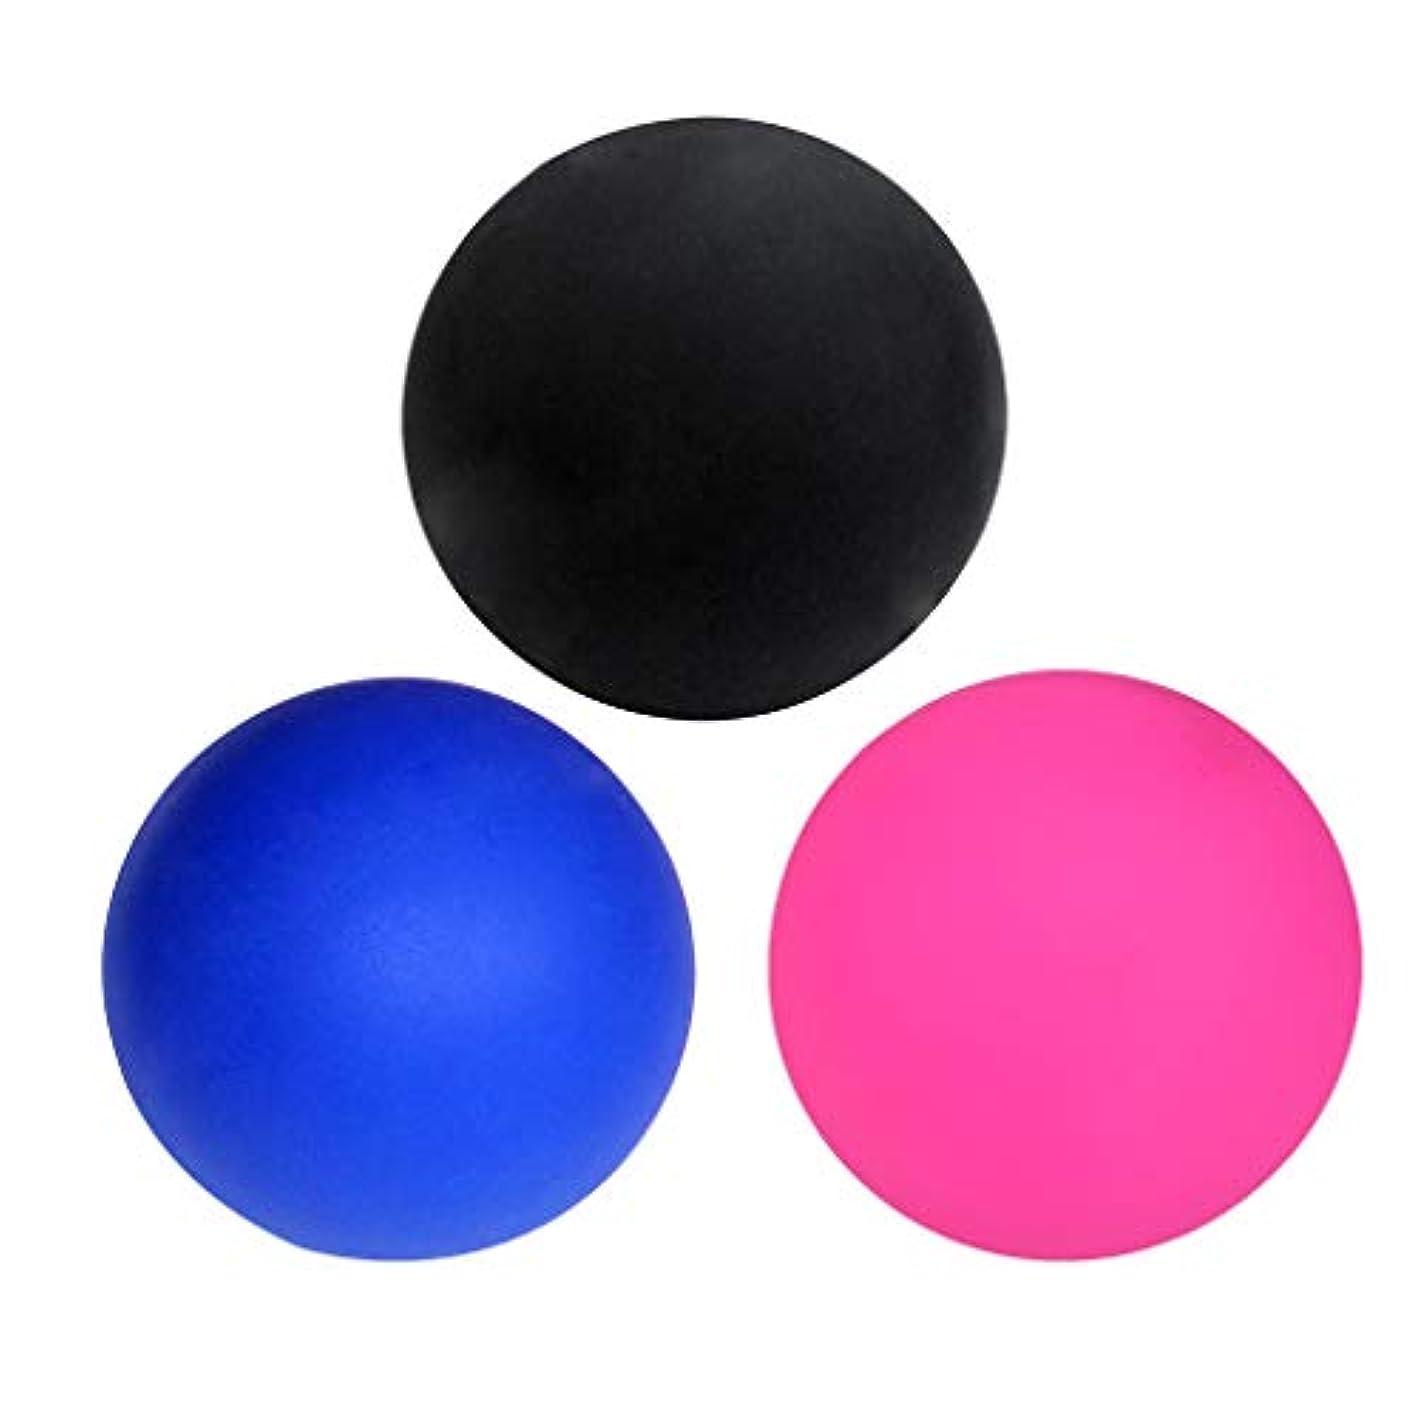 コストブリードオーディション3個 マッサージボール 筋膜リリース ラクロスボール トリガーポイント 疲れ解消ボール ツボ押しグッズ